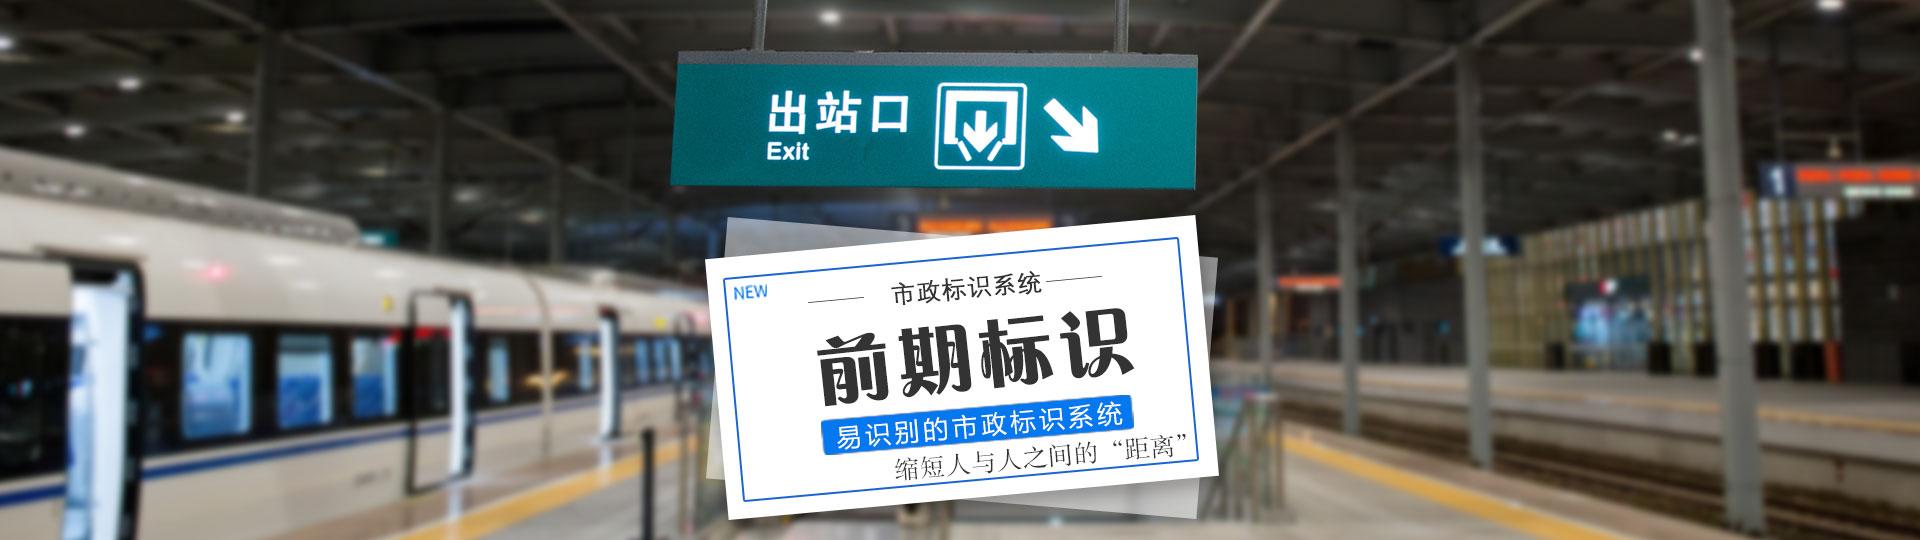 市政标识系统